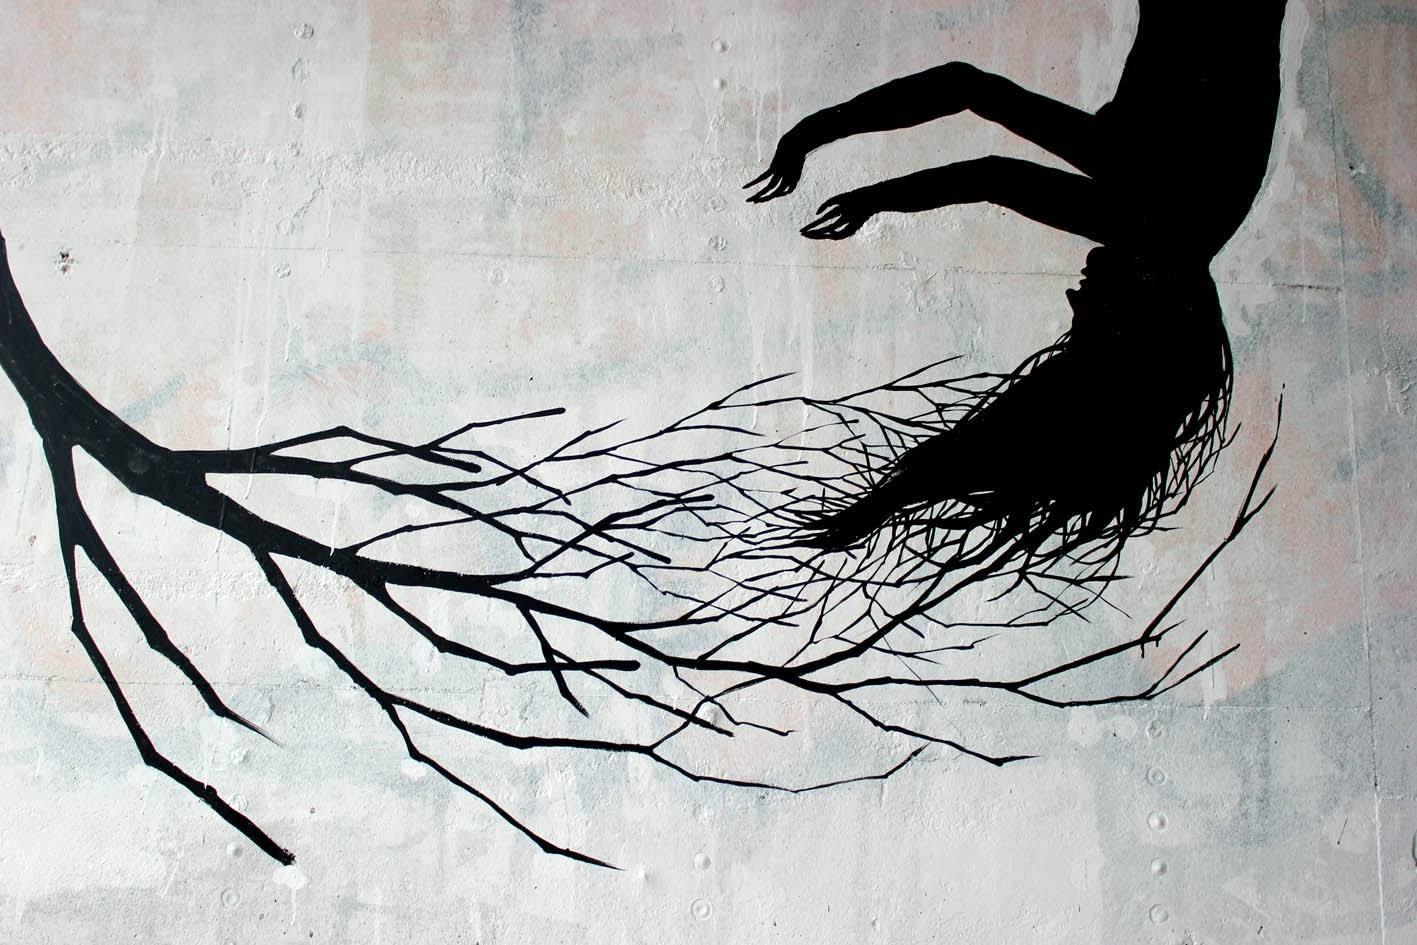 Street Art Collaboration By David De La Mano and Pablo S. Herrero In Porto, Portugal. 5